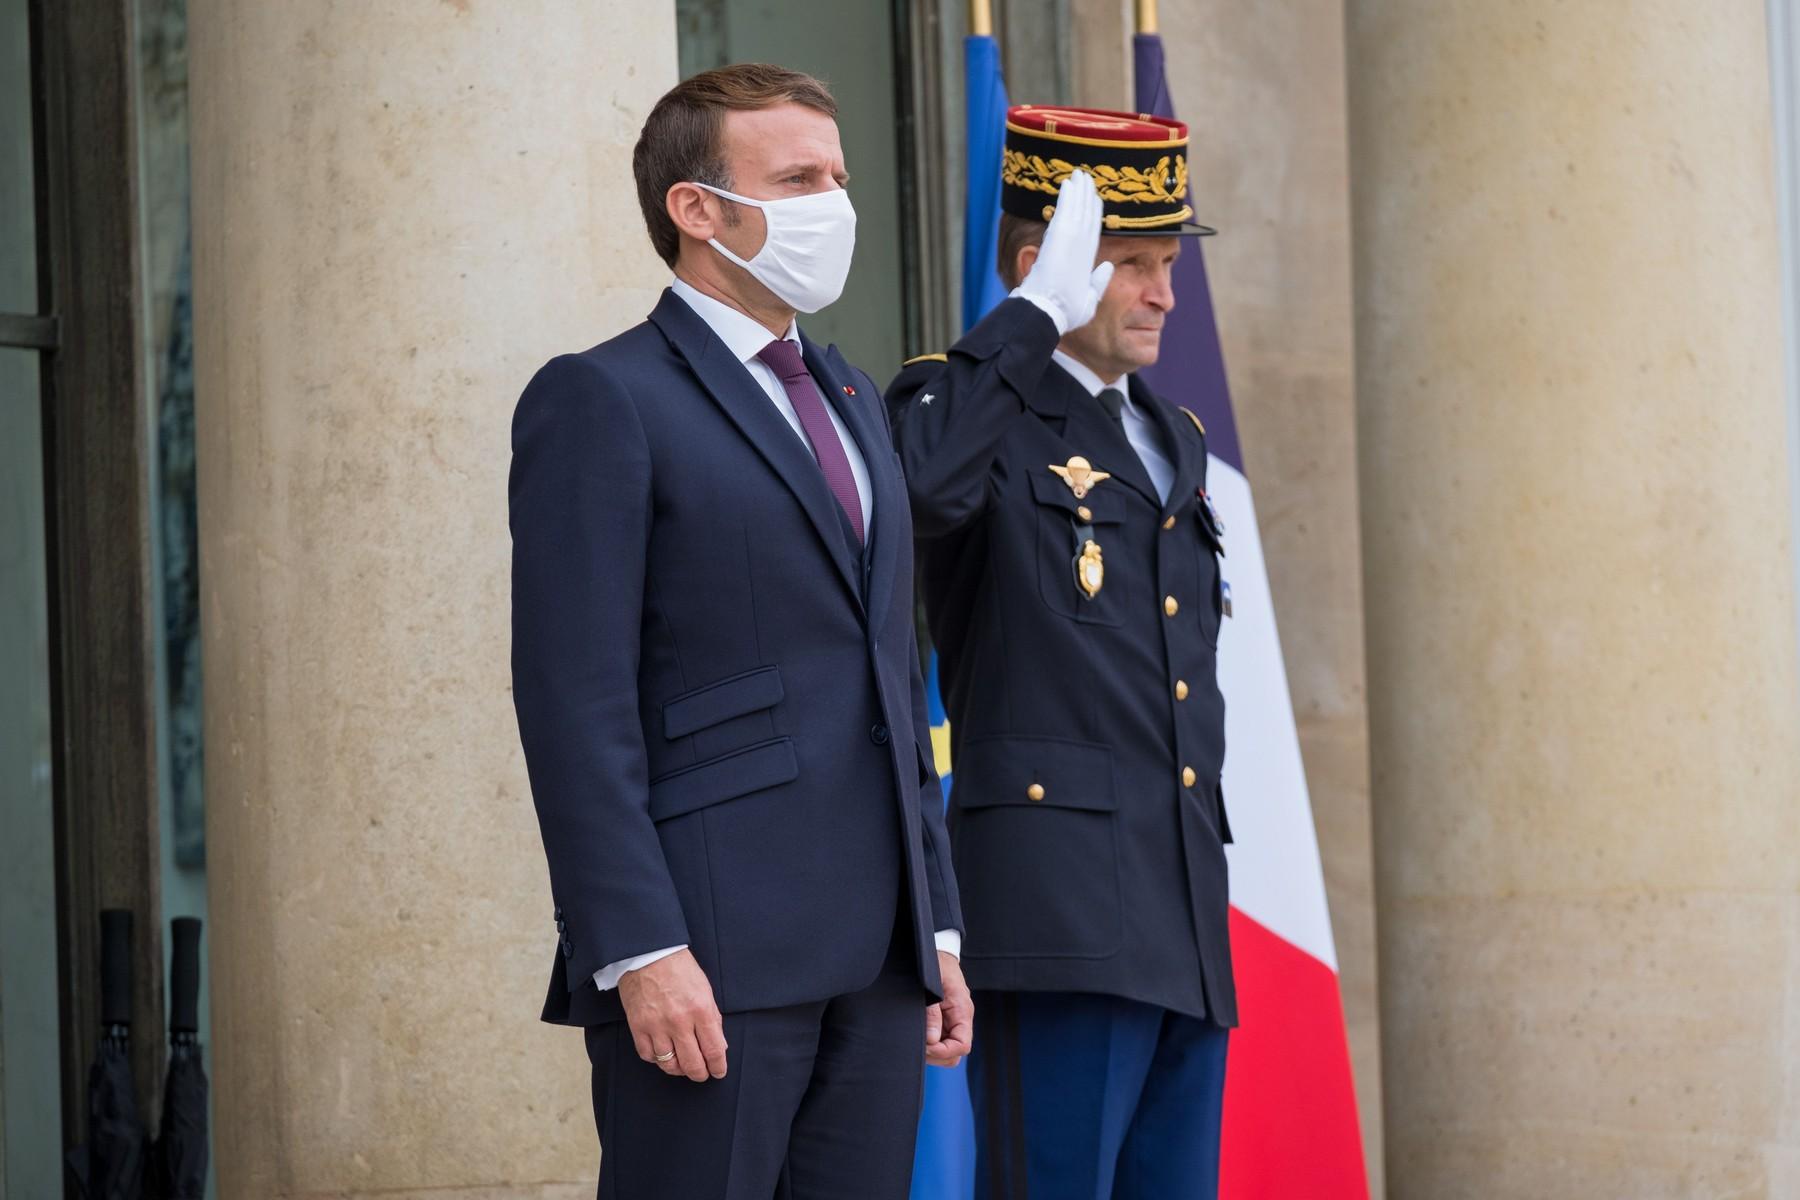 Franţa a avut o creştere economică de 18,7% în trimestrul al treilea din 2020